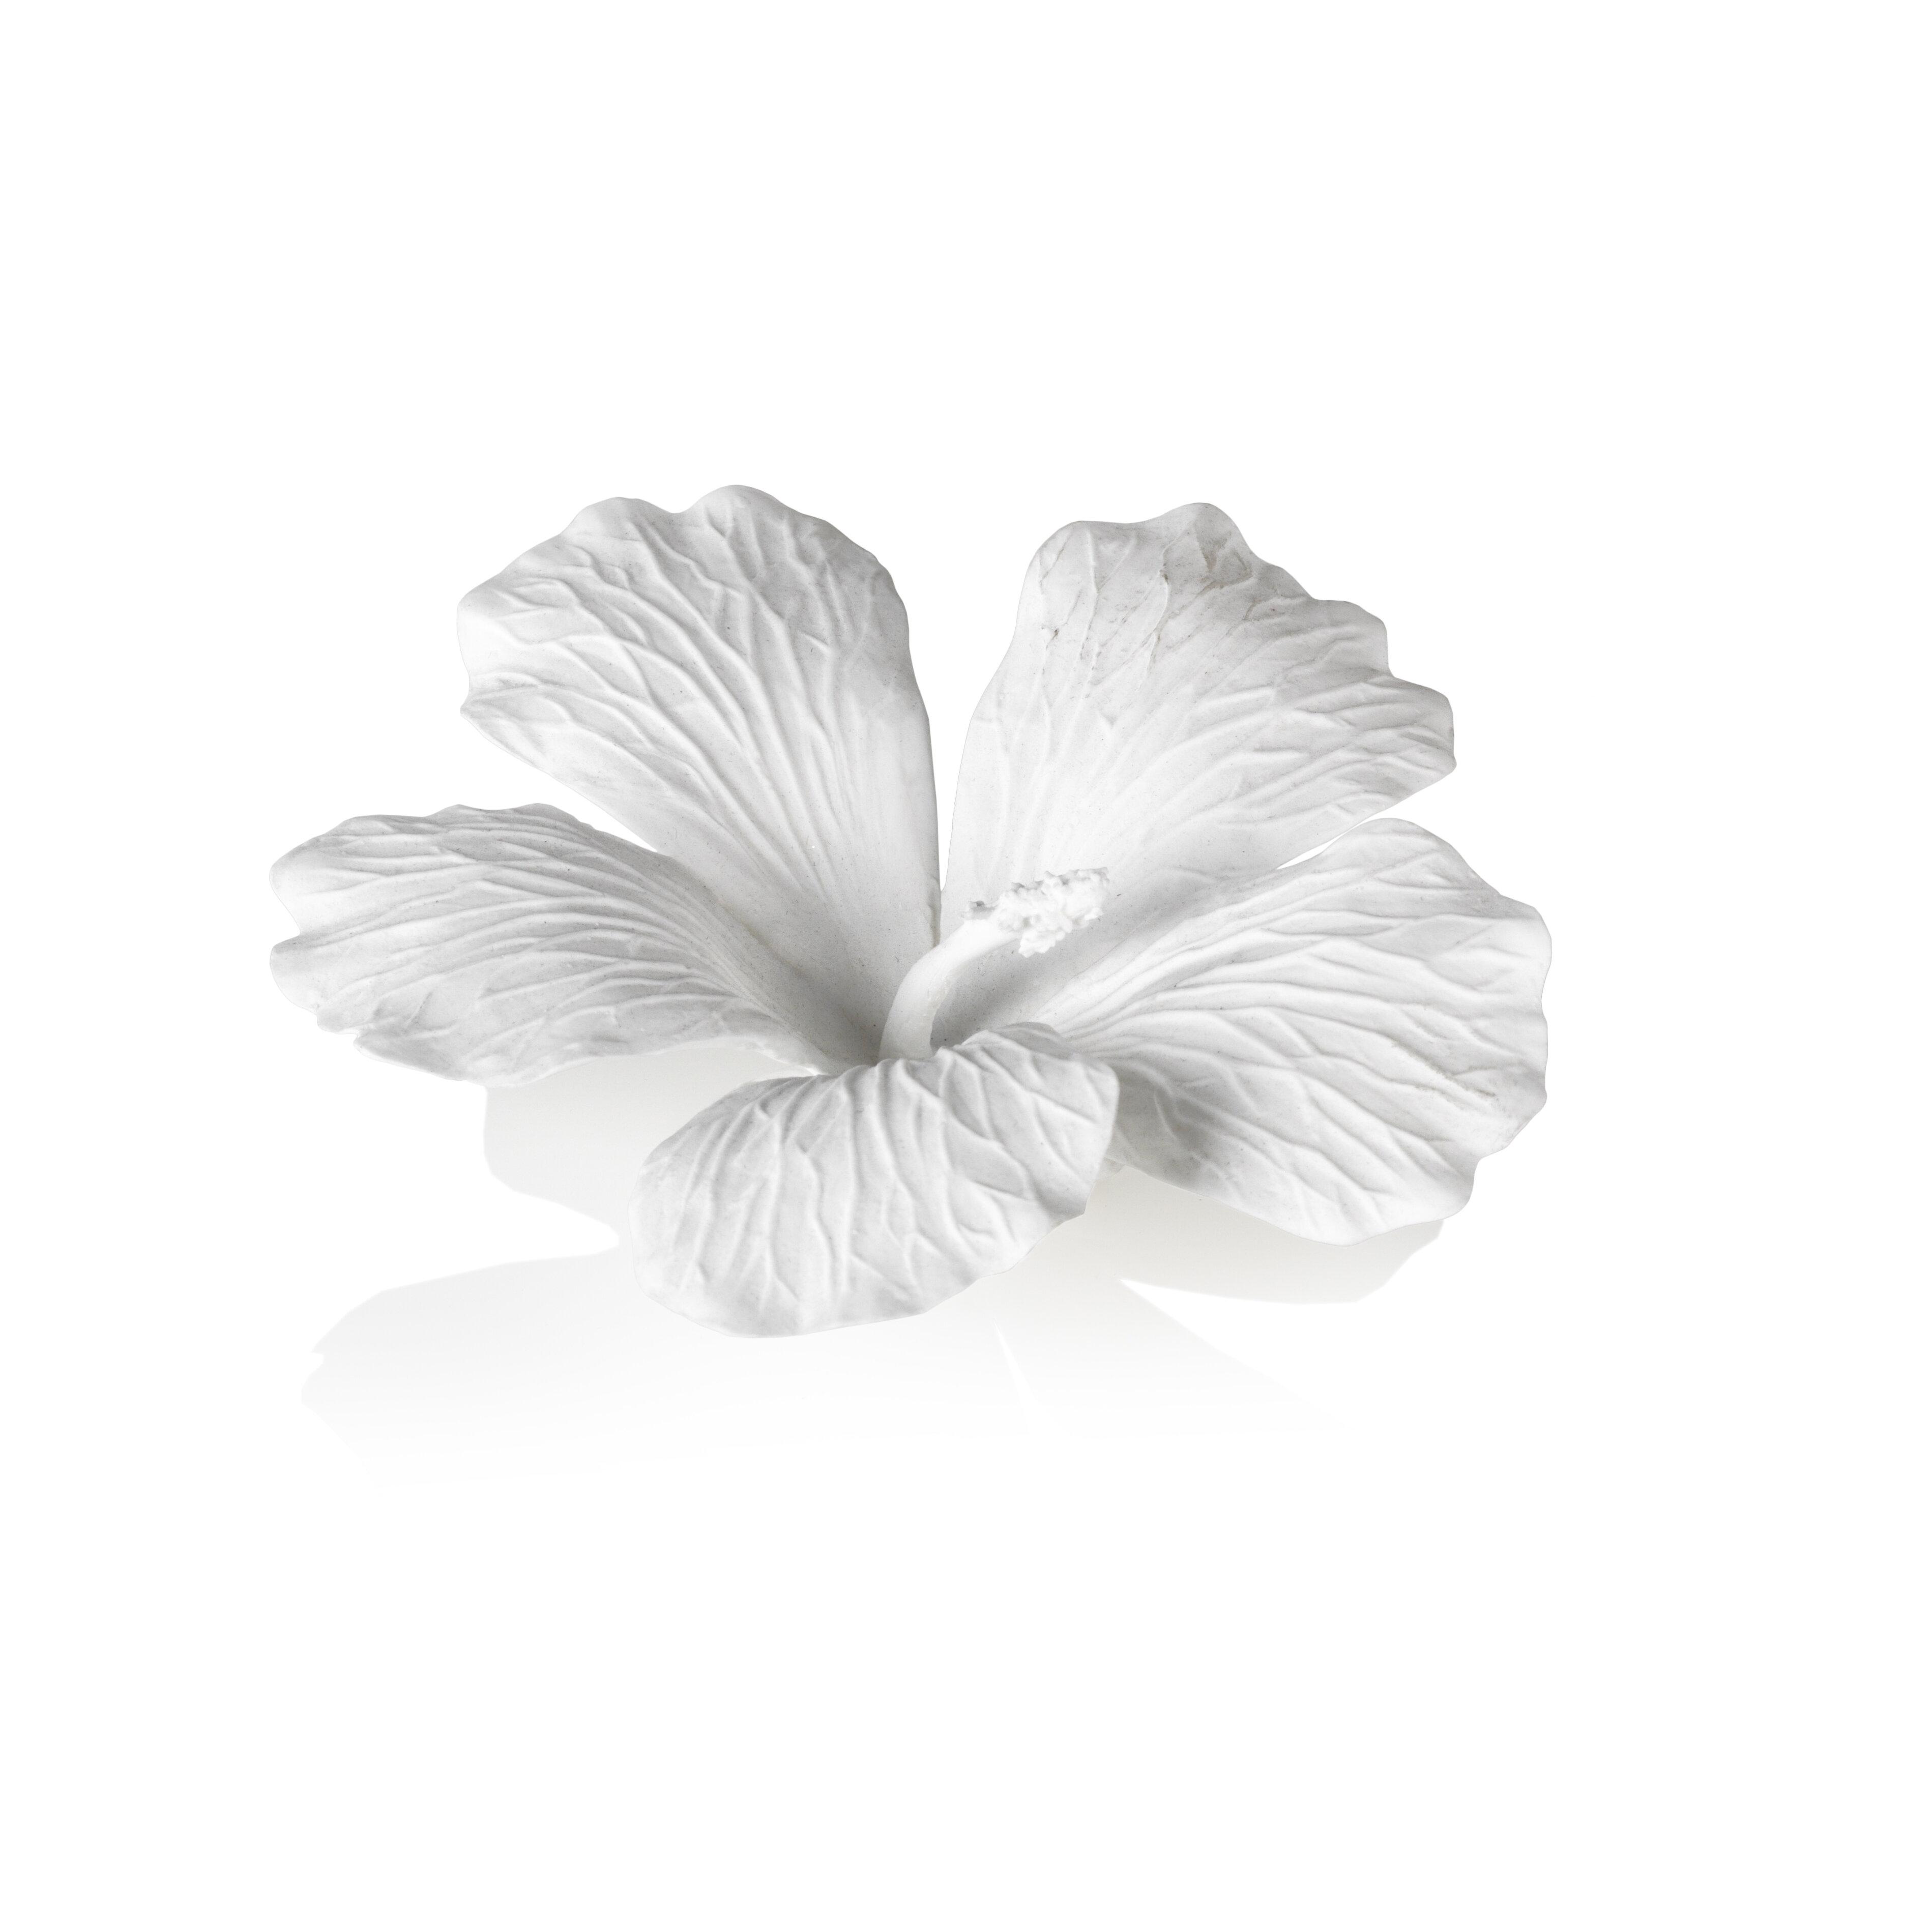 Bay isle home balmore china hibiscus flower sculpture wayfair izmirmasajfo